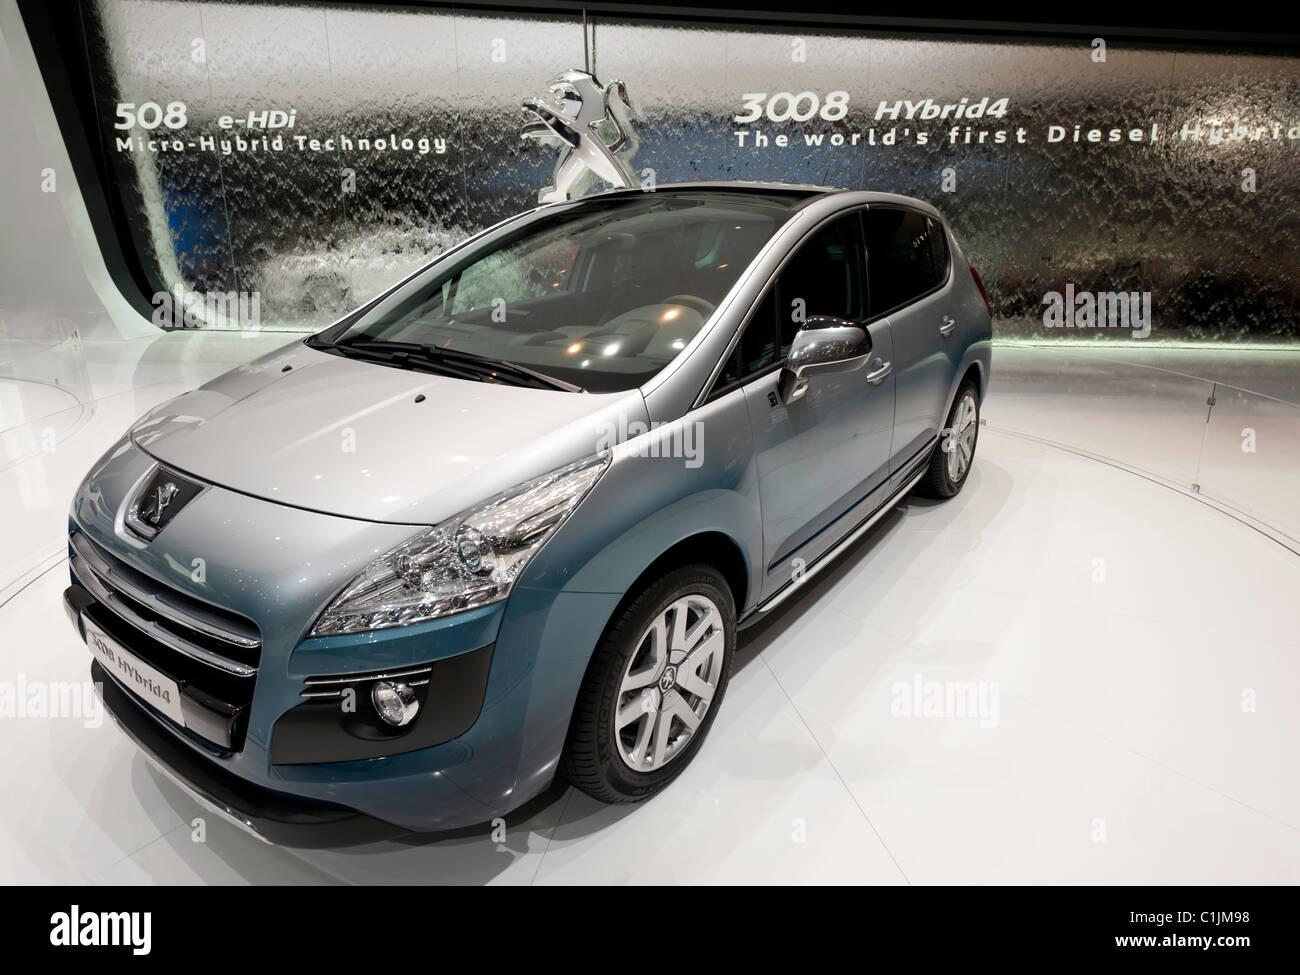 Peugeot 3008 concept mondo il primo ibrido diesel concept car al salone di Ginevra 2011 la Svizzera Immagini Stock